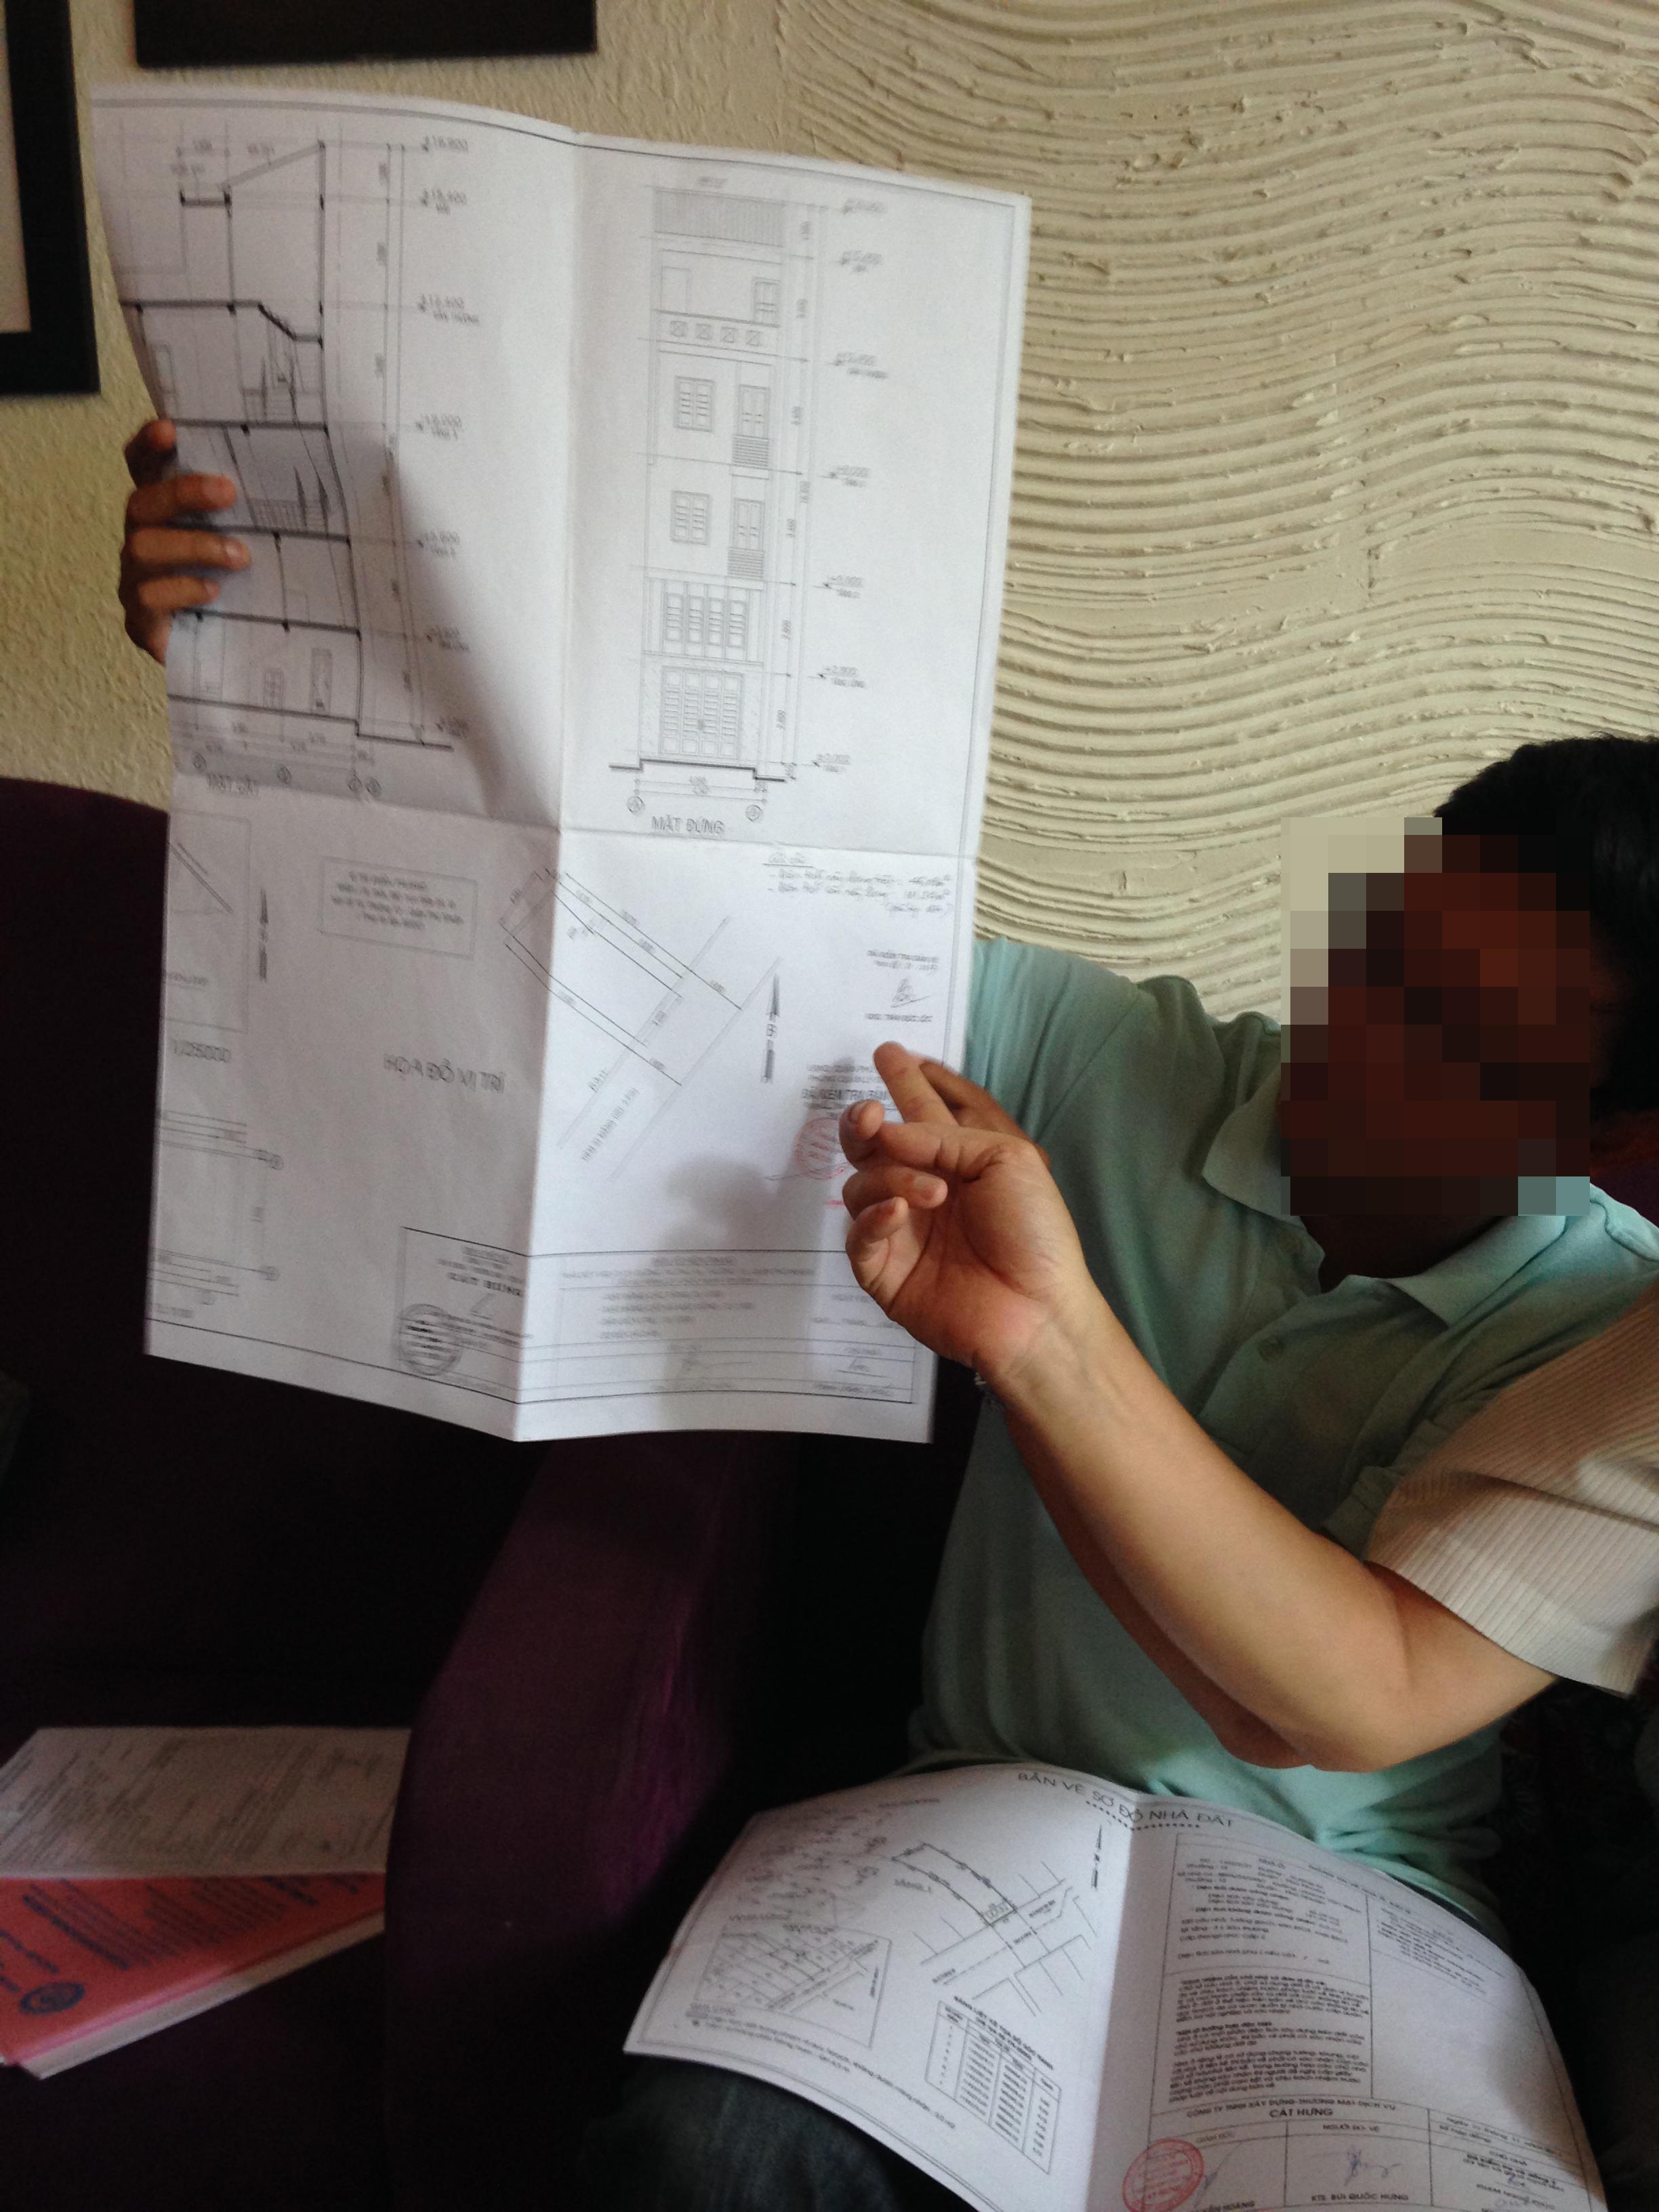 Một trong những giấy tờ mà dân sợ nhất khi đi làm chủ quyền nhà đất là bản vẽ sơ đồ hiện trạng vì phải vẽ đi vẽ lại nhiều lần